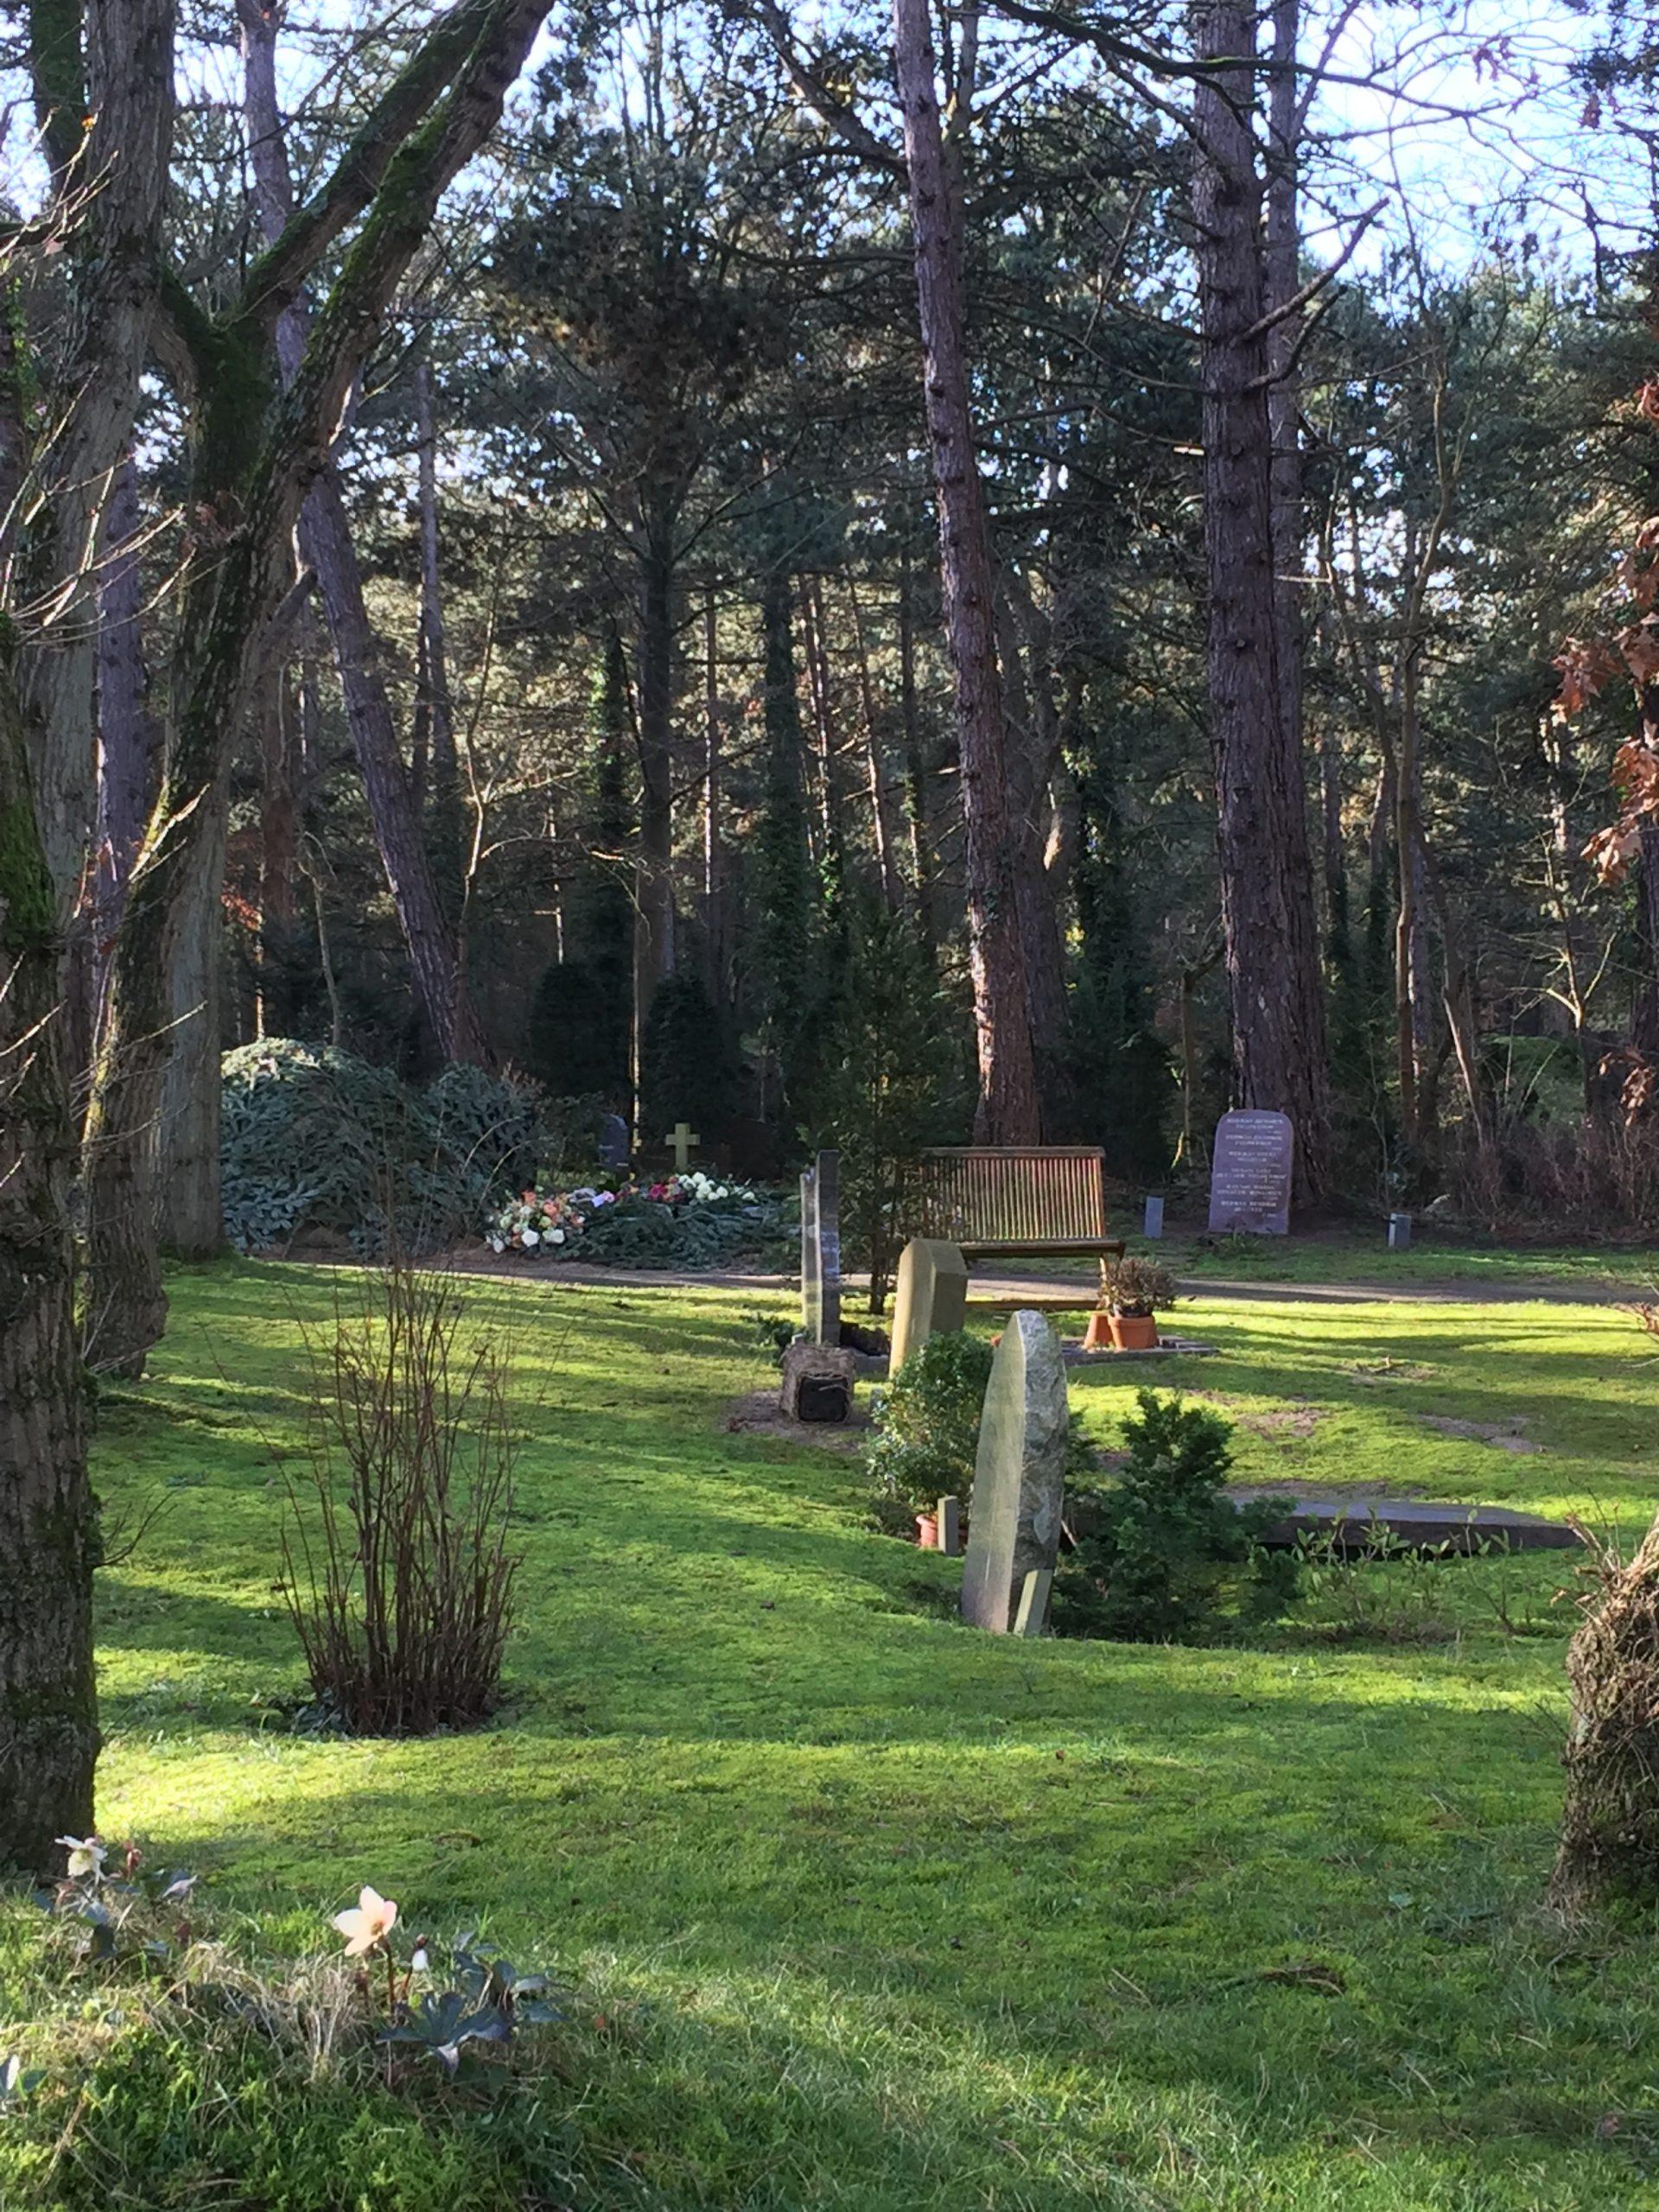 BEgraafplaats met heuvelige, groene grond, bomen en enkele graven